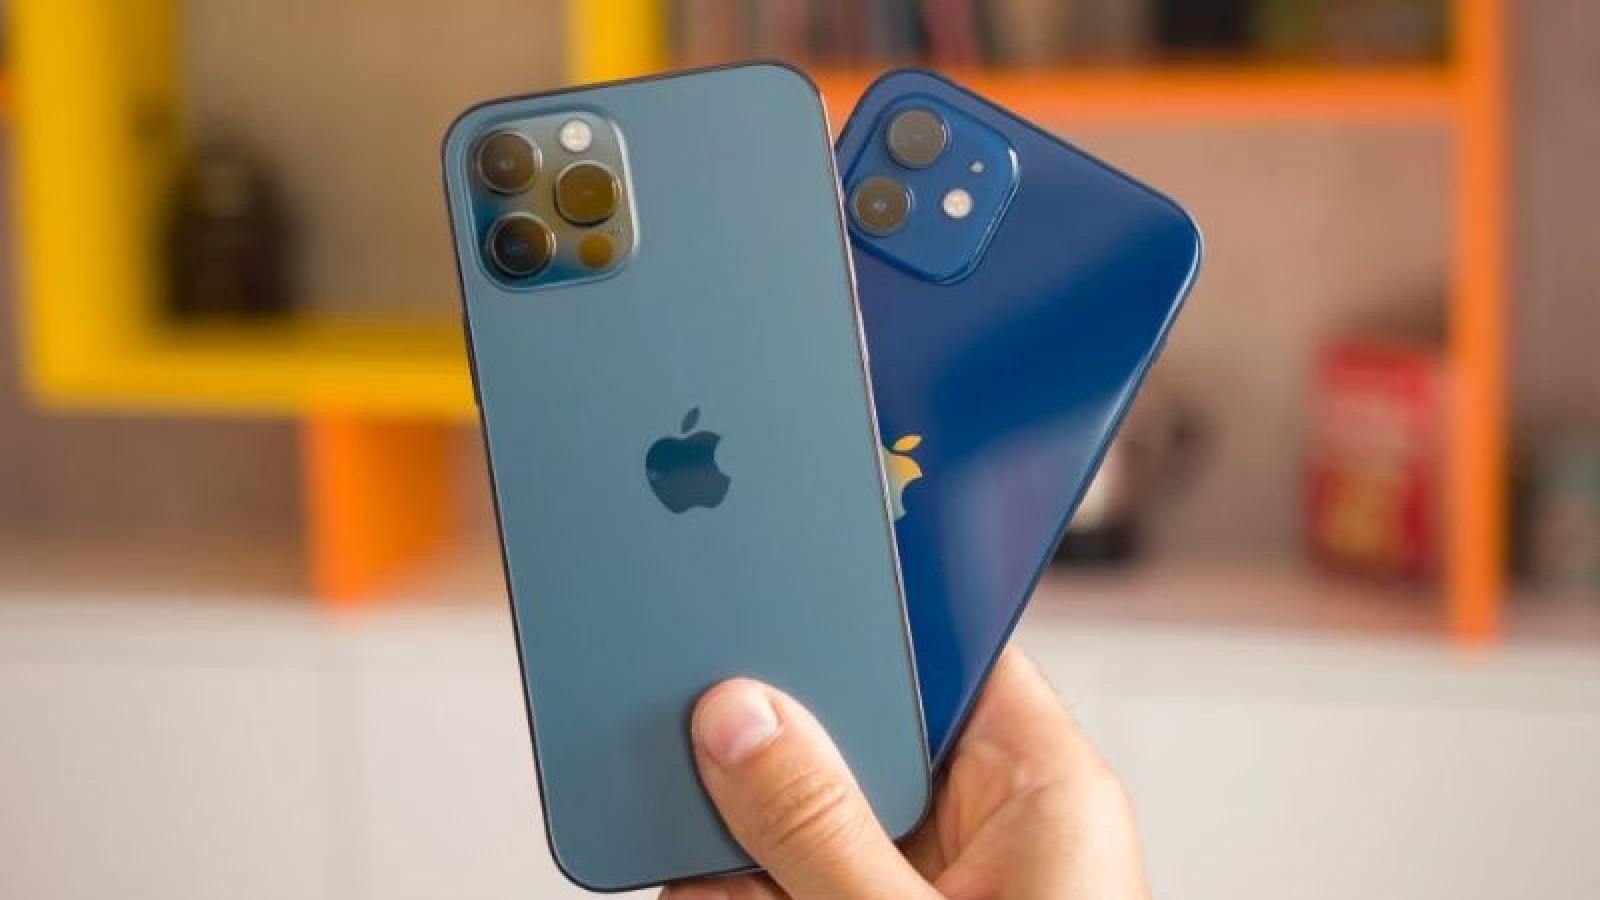 Apple thừa nhận iPhone 12 và 12 Pro gặp sự cố âm thanh, sẽ sửa chữa miễn phí